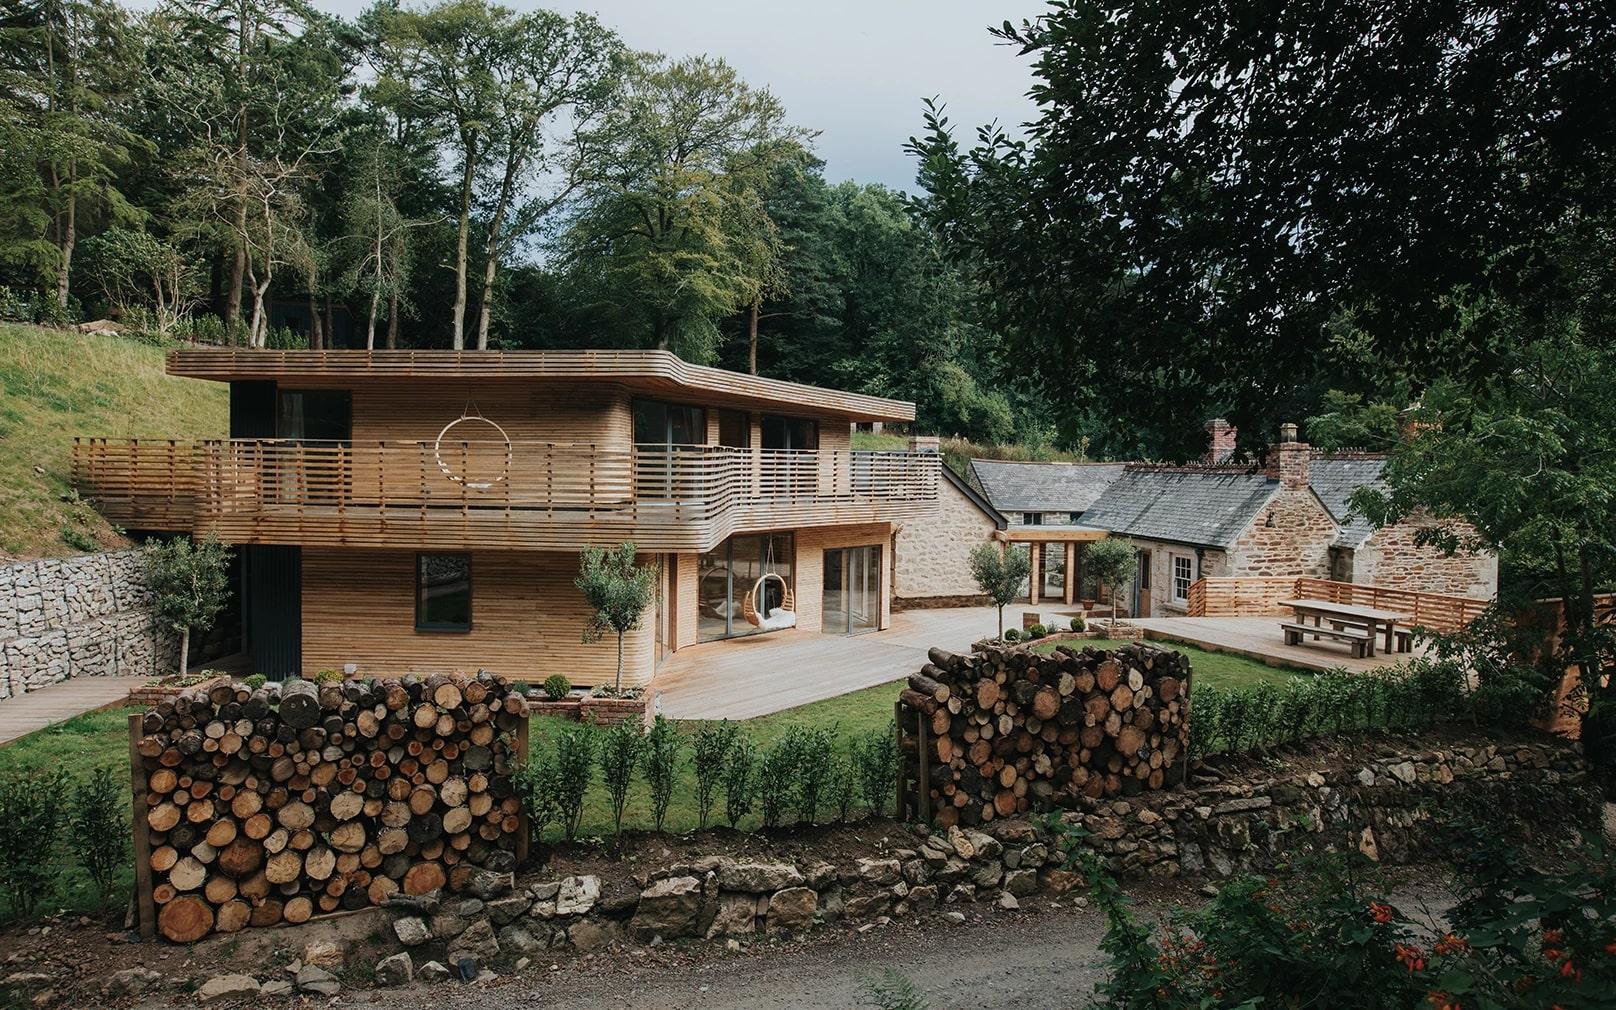 thiết kế nhà bằng gỗ đơn giản